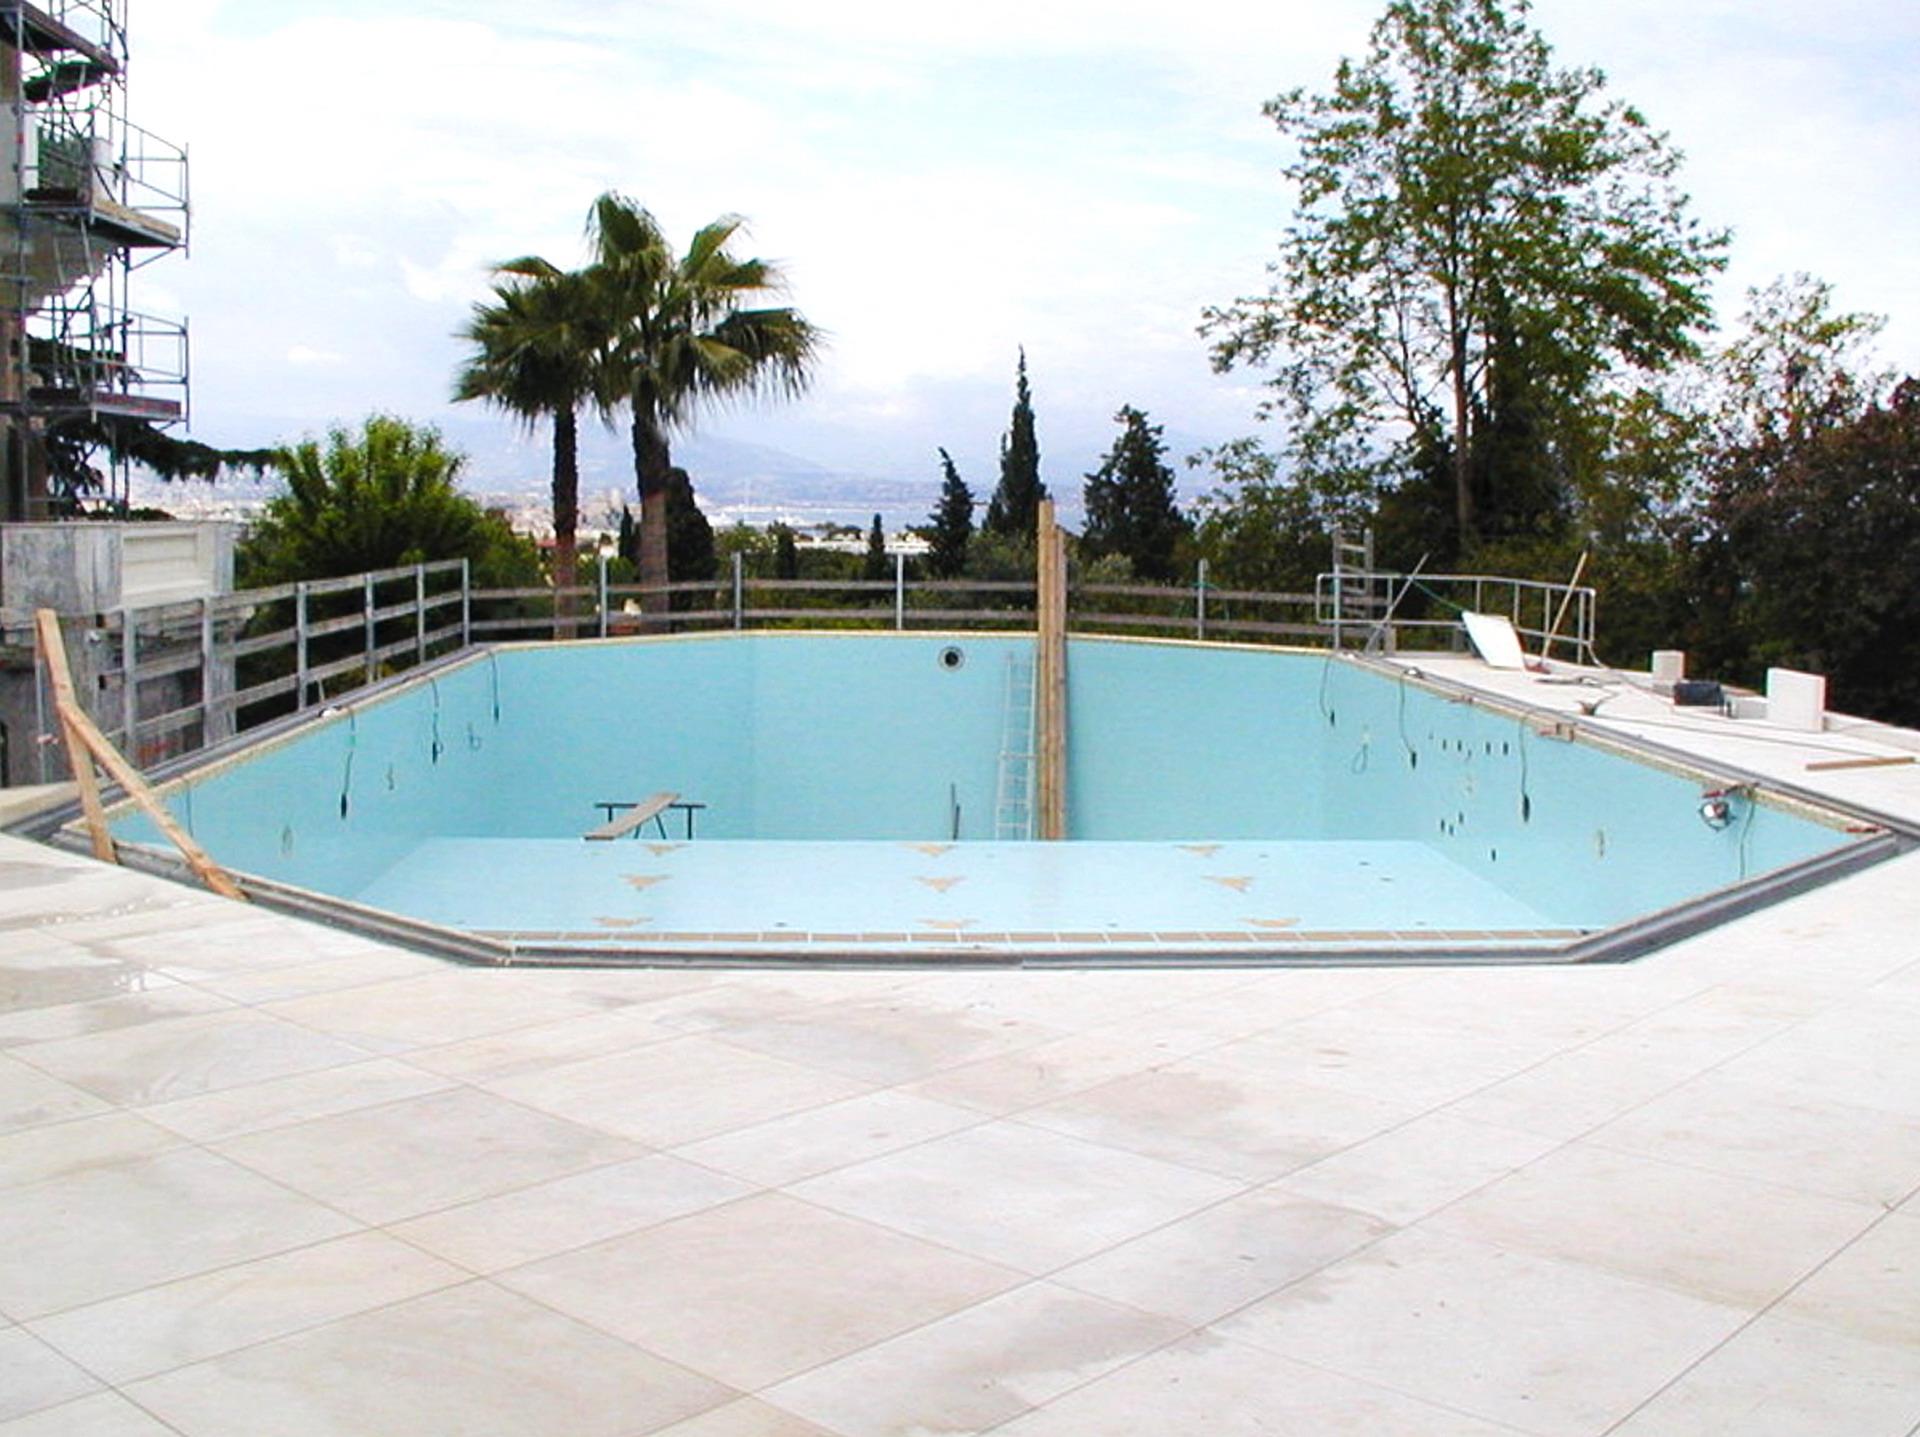 Residenza Privata – Chevenix – Francia_02_ridimensionare